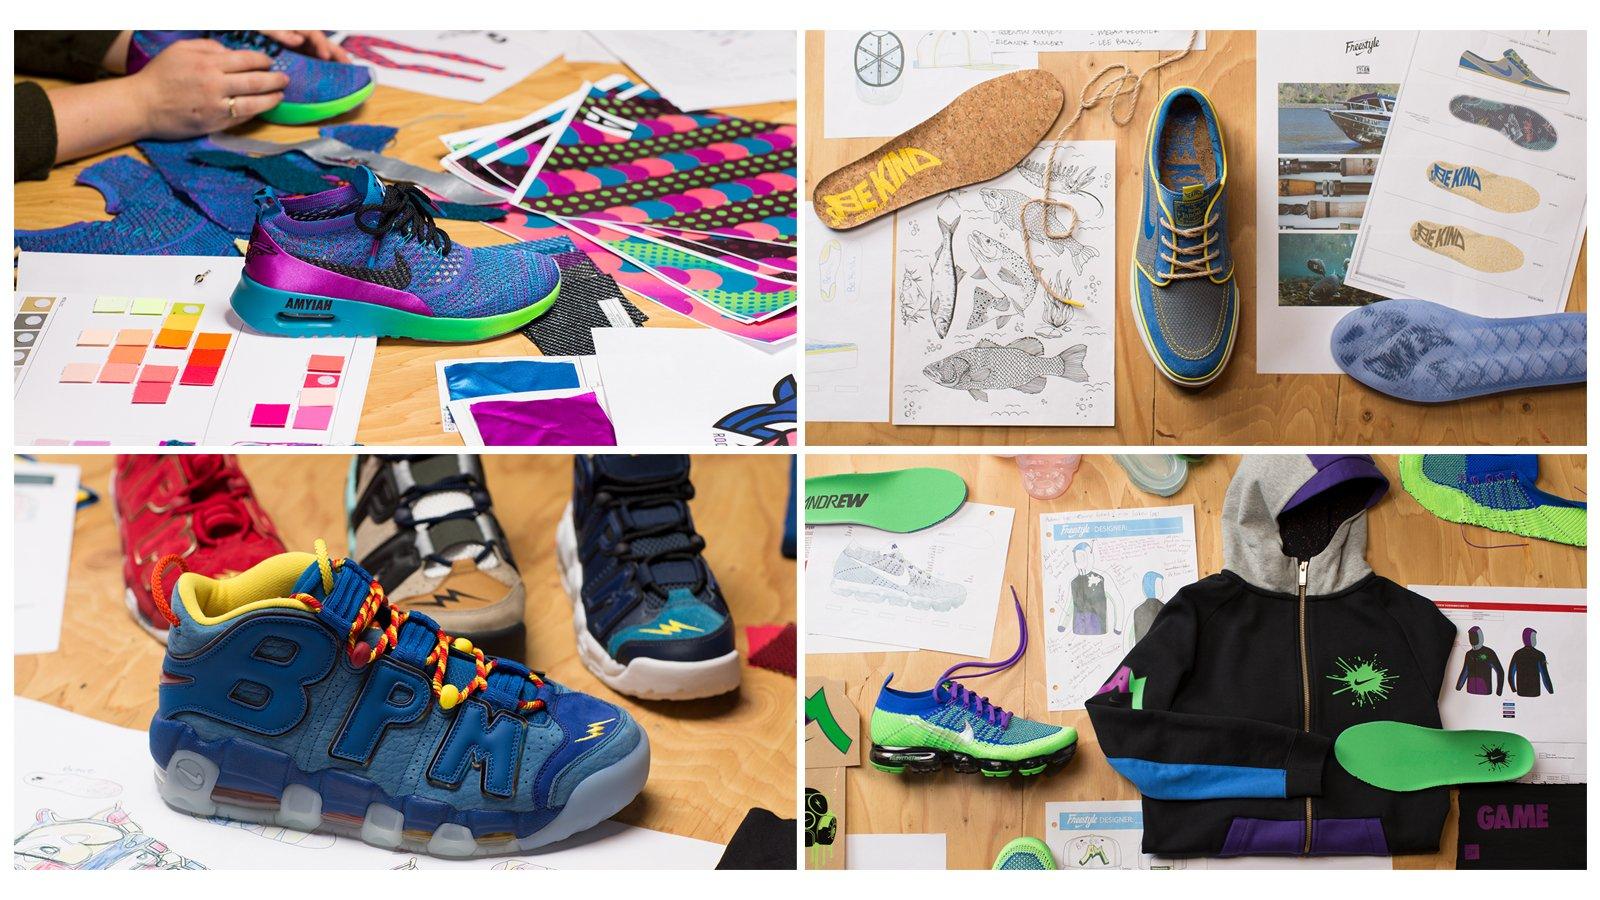 online retailer 8cda5 2b332 SOLE LINKS on Twitter: